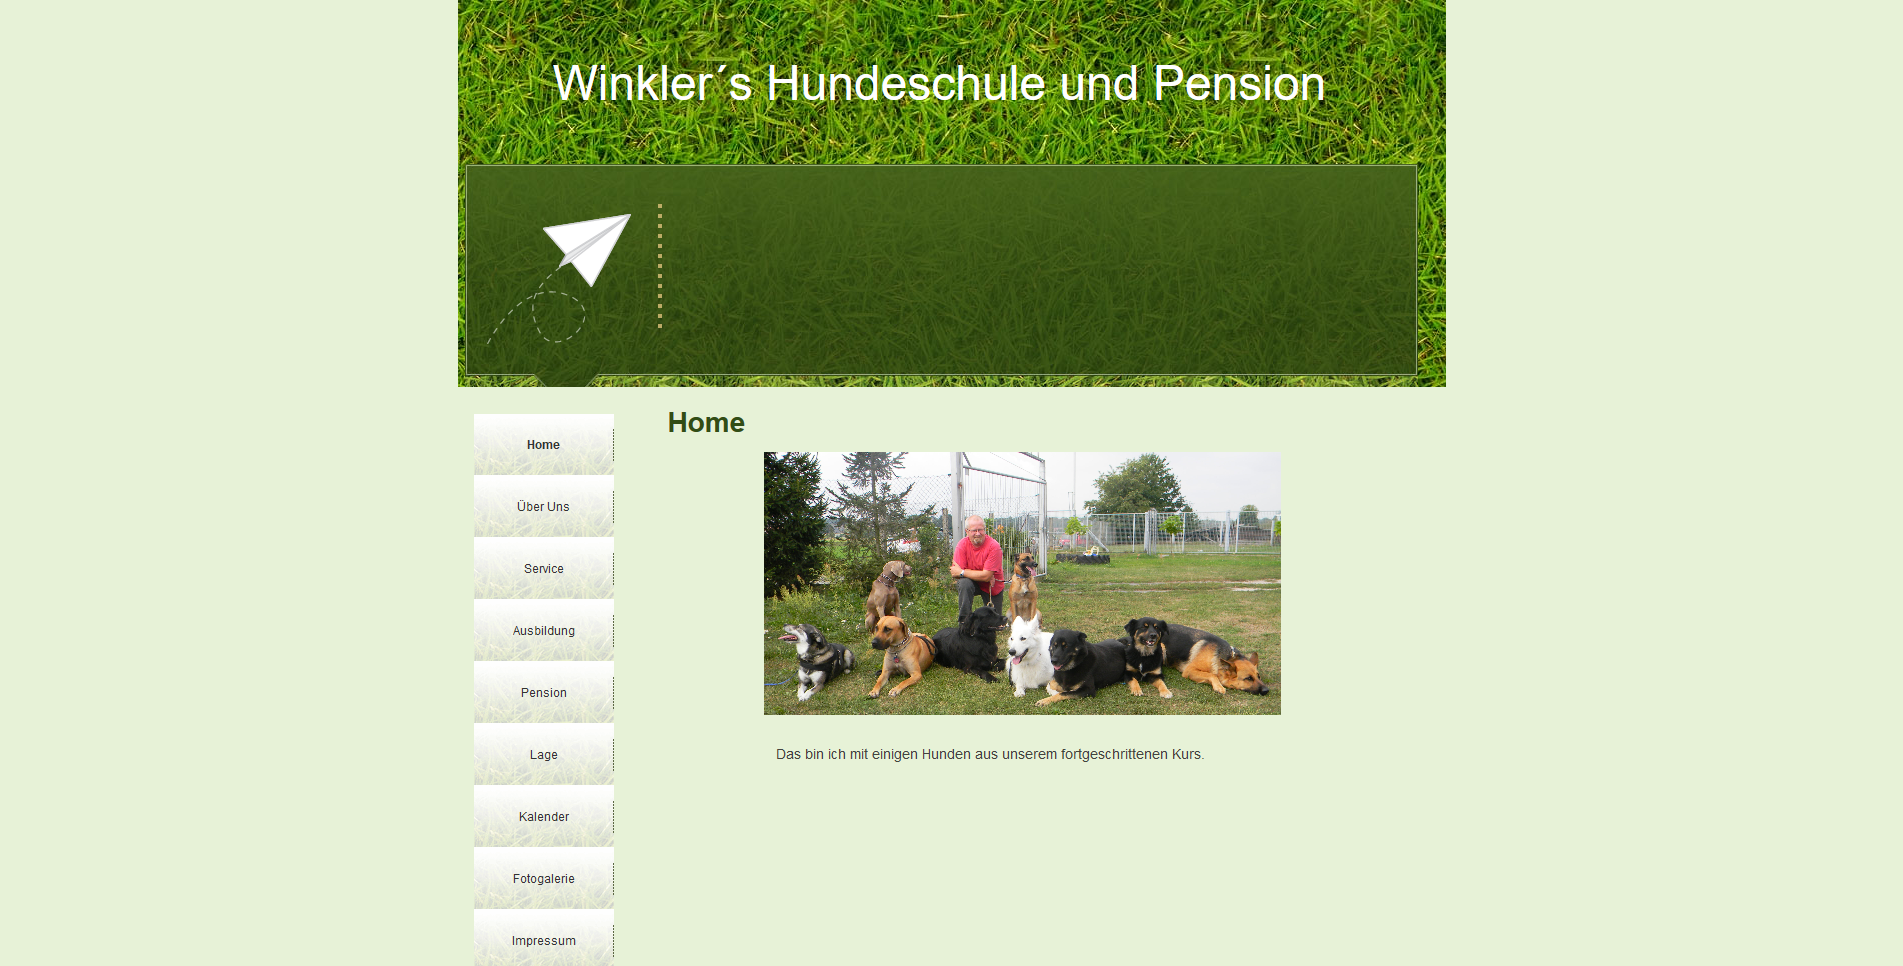 Winklers Hundeschule